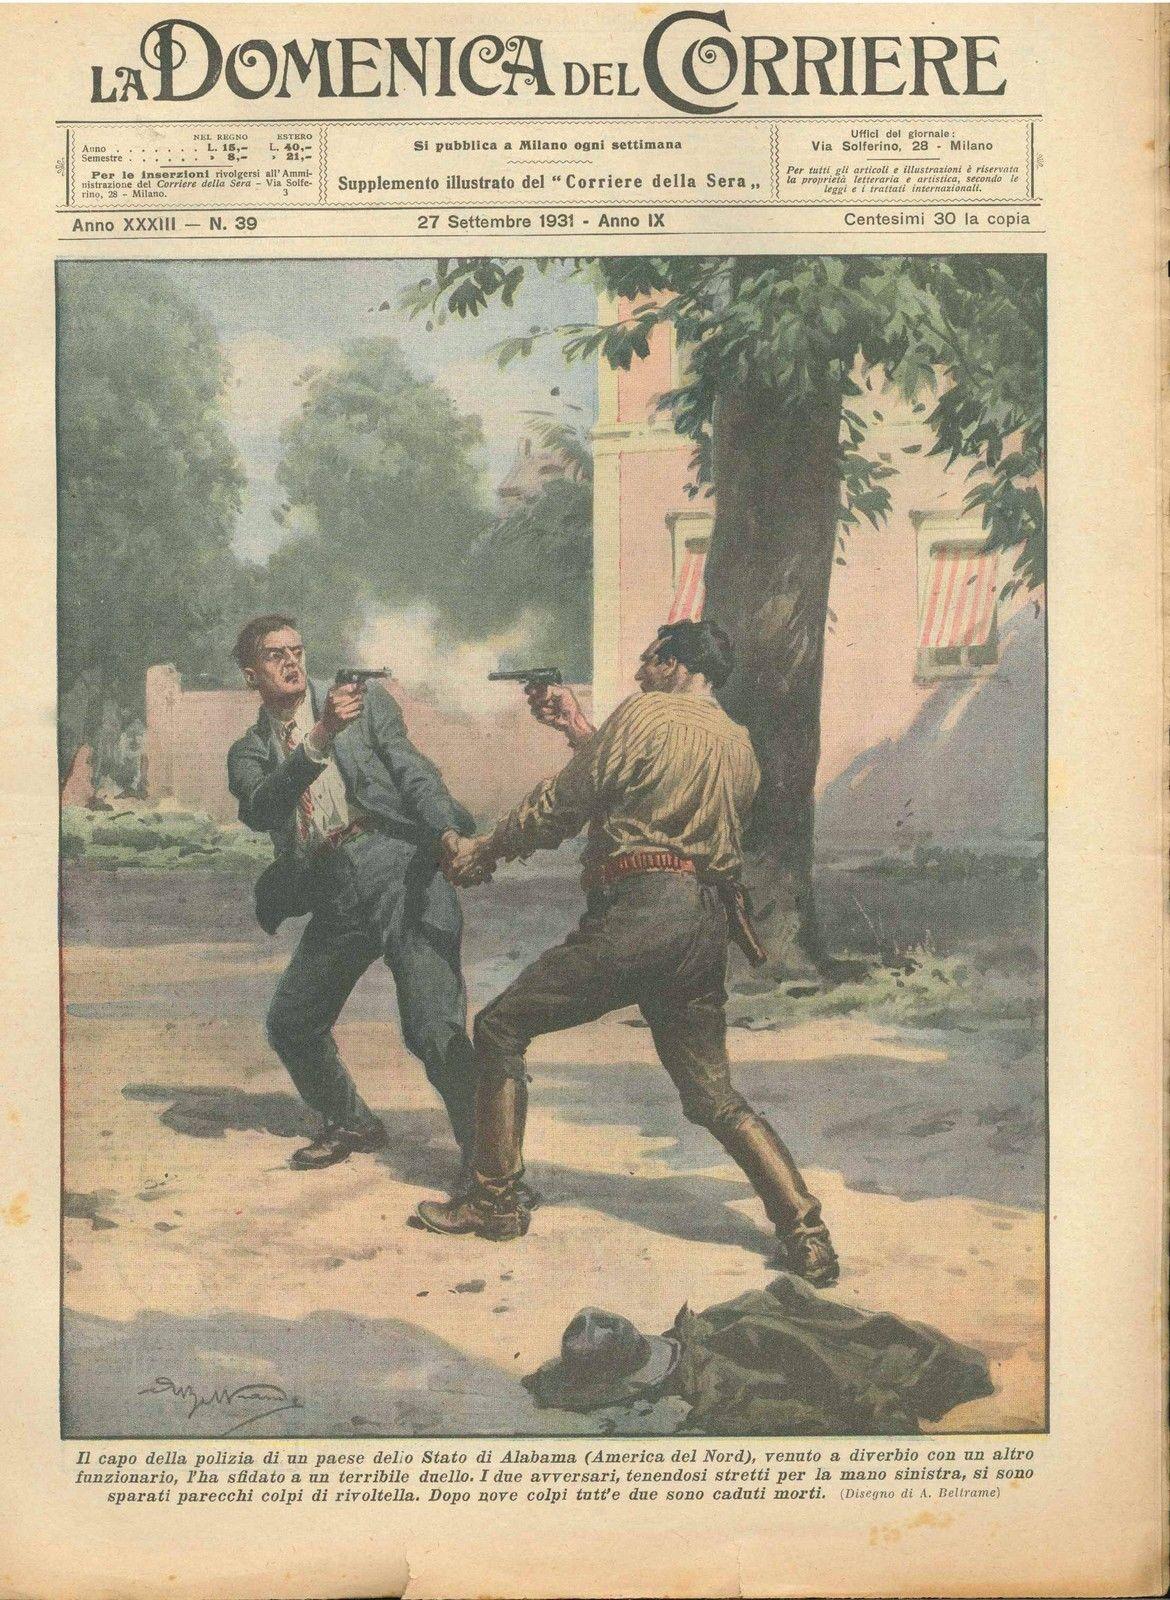 DOMENICA DEL CORRIERE N°  39 - 27 SETTEMBRE 1931 - ILL.  A. BELTRAME